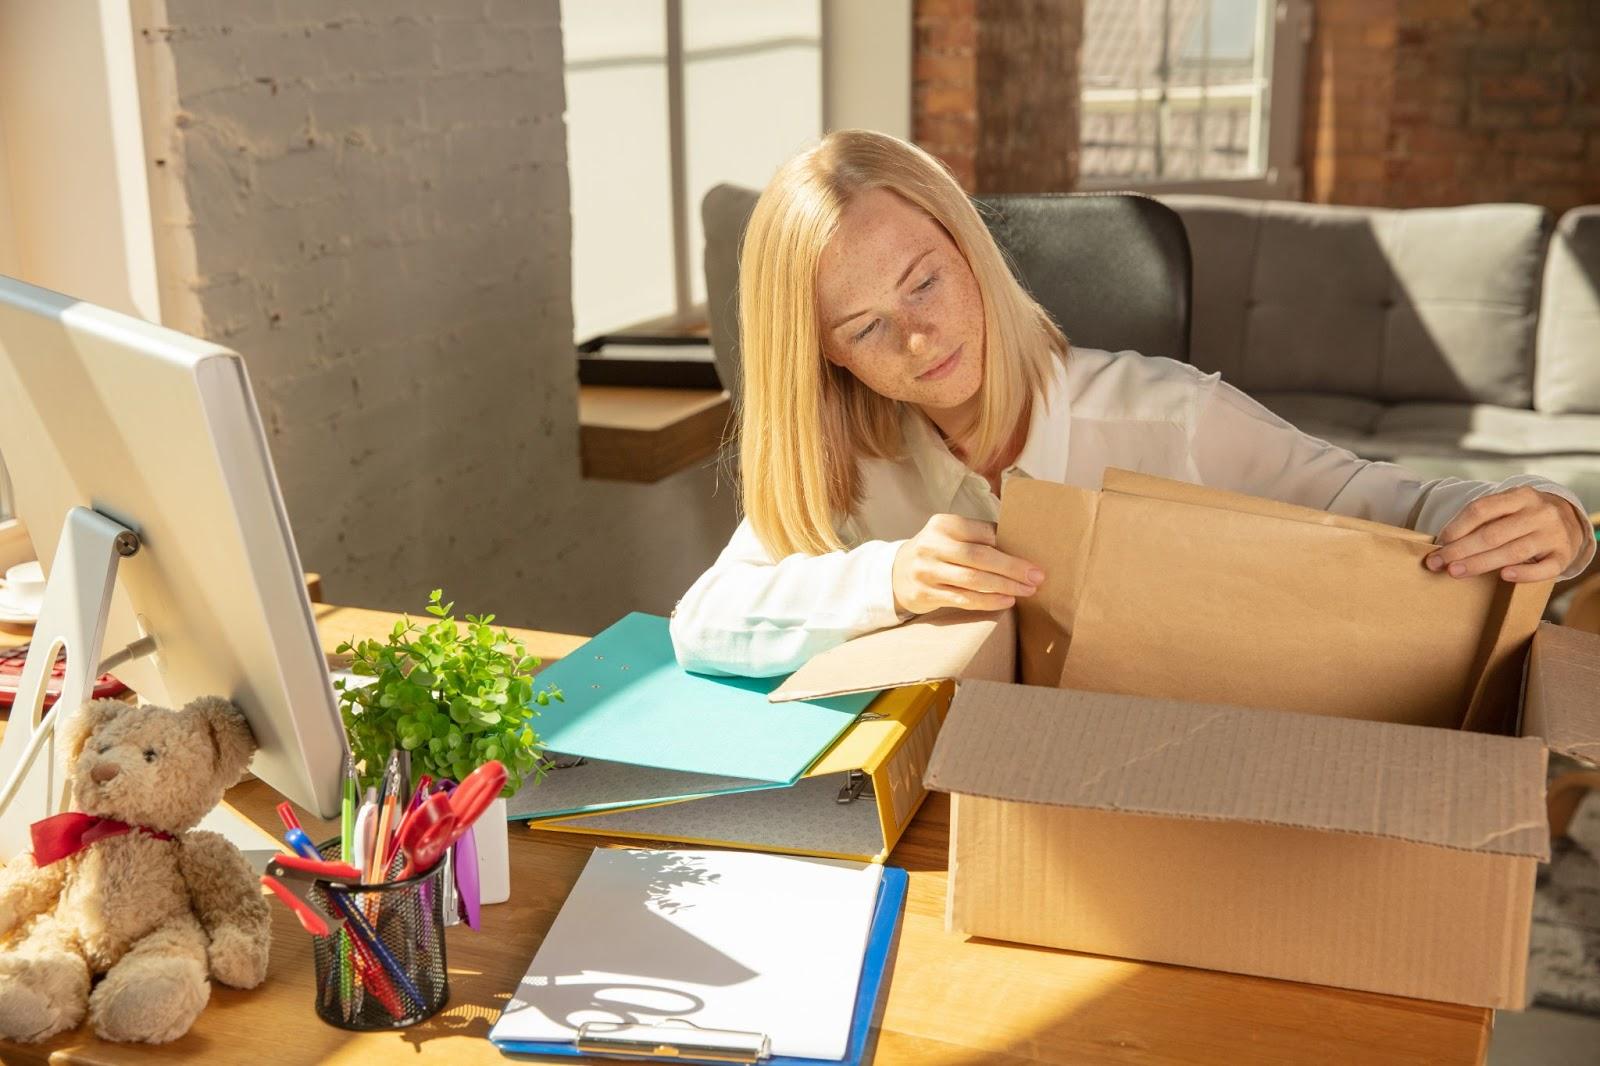 déménagement, nouveau départ, changement, locaux, entreprise, activité, développement, identité, bilan de compétences